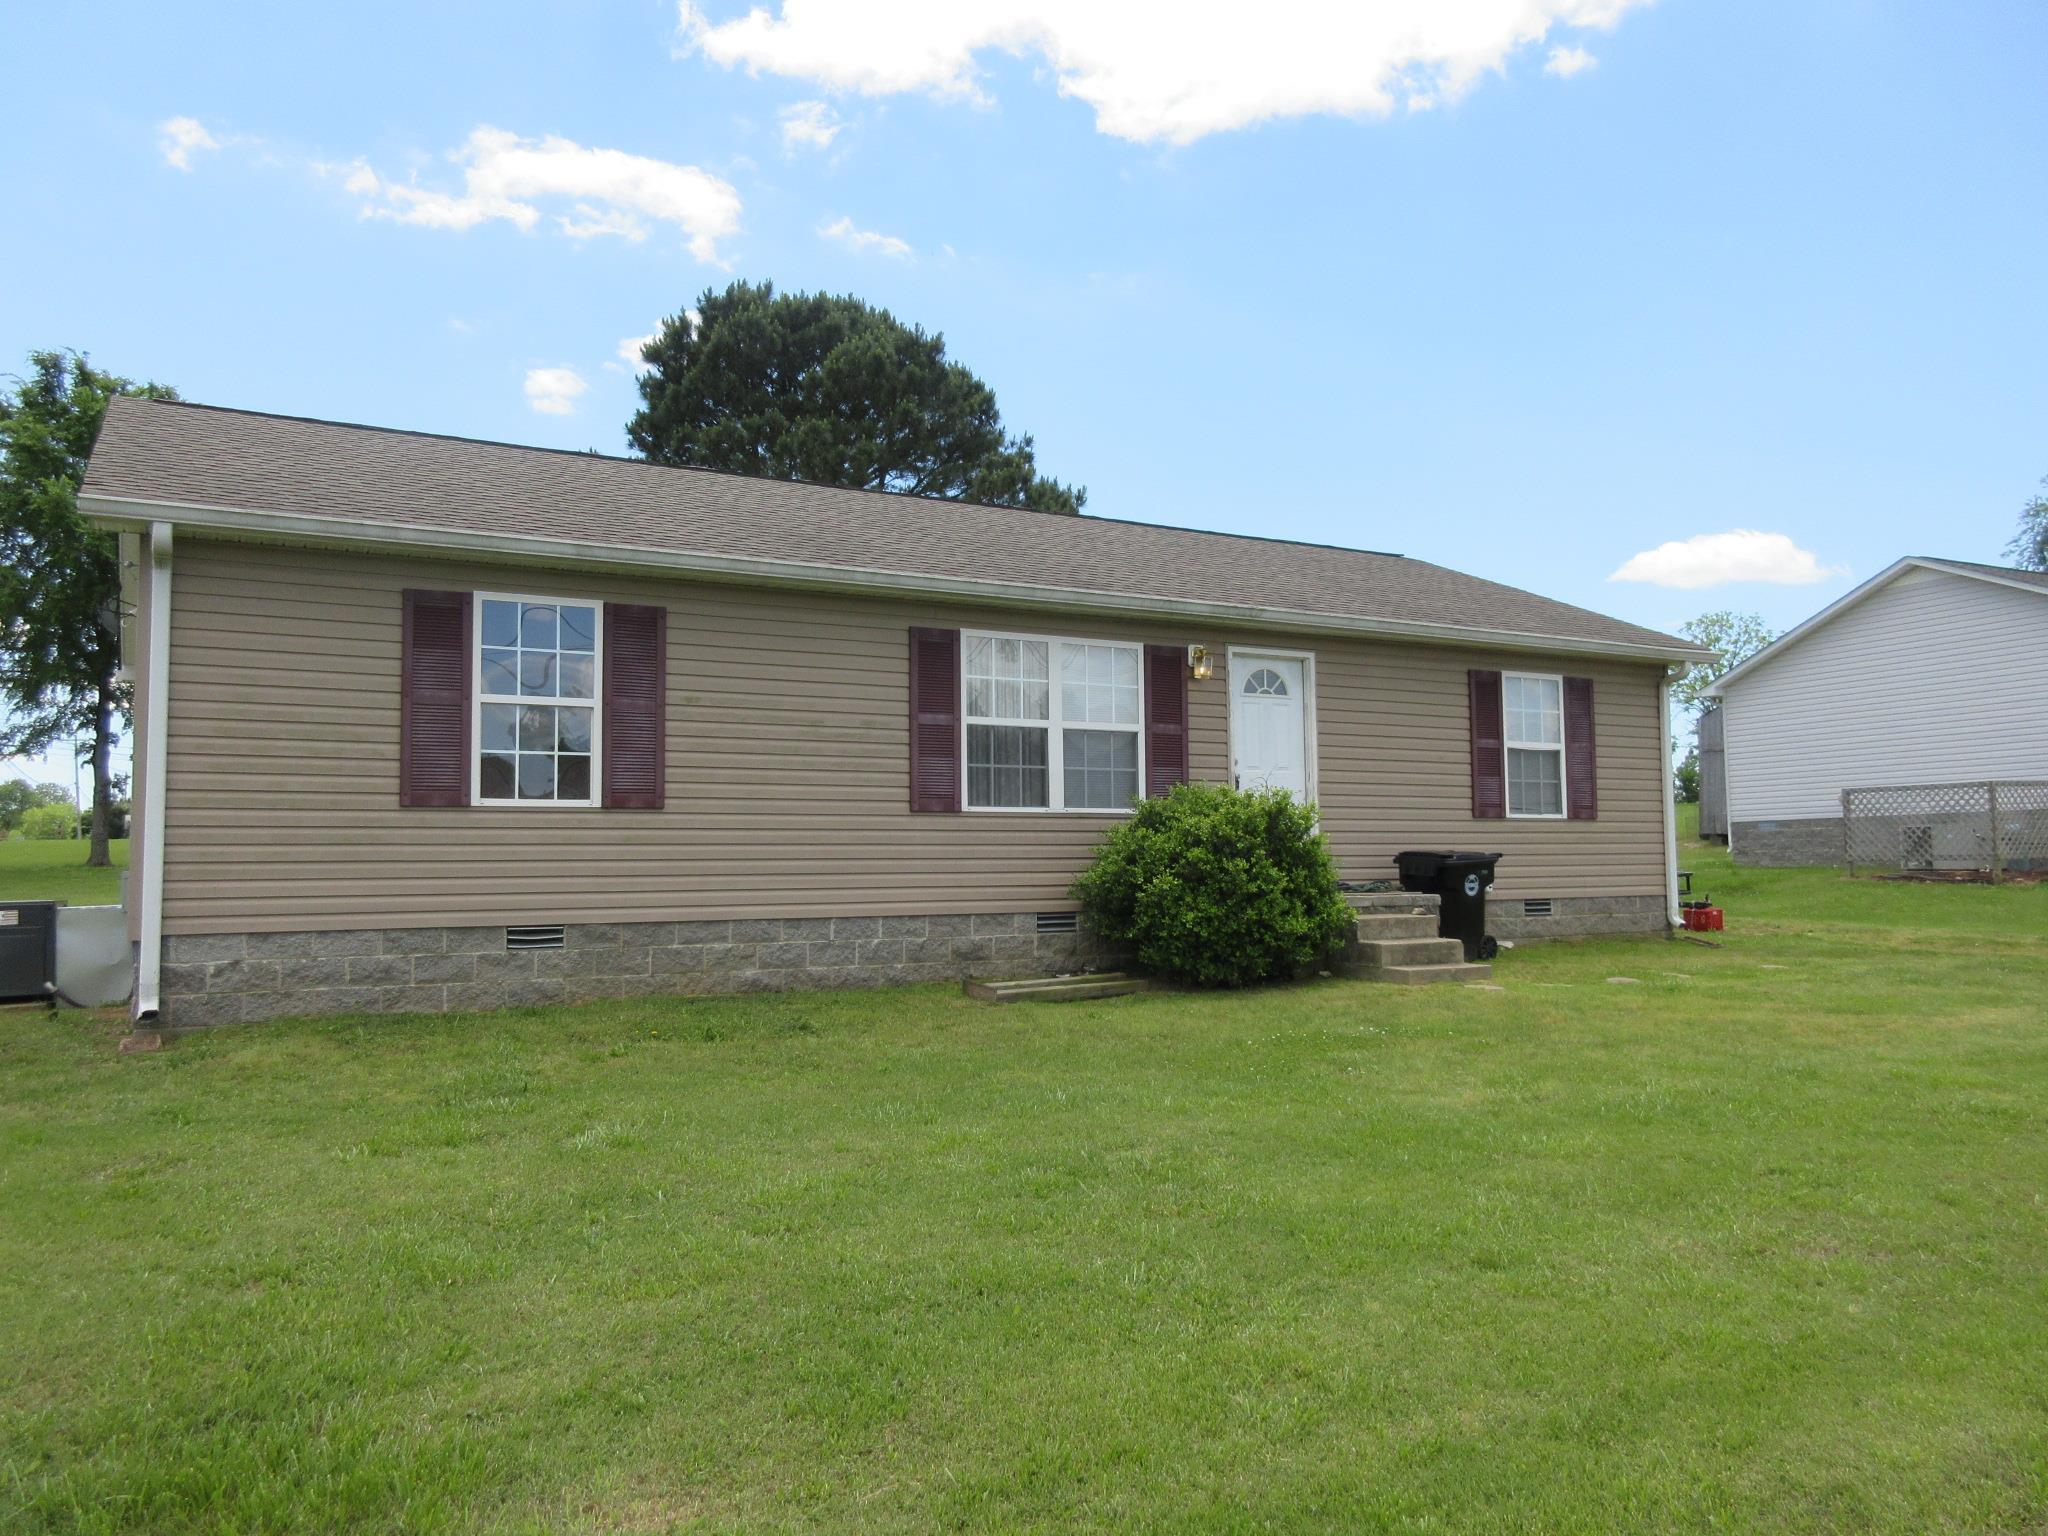 11 Hethcoat Dr New Johnsonville, TN 37134